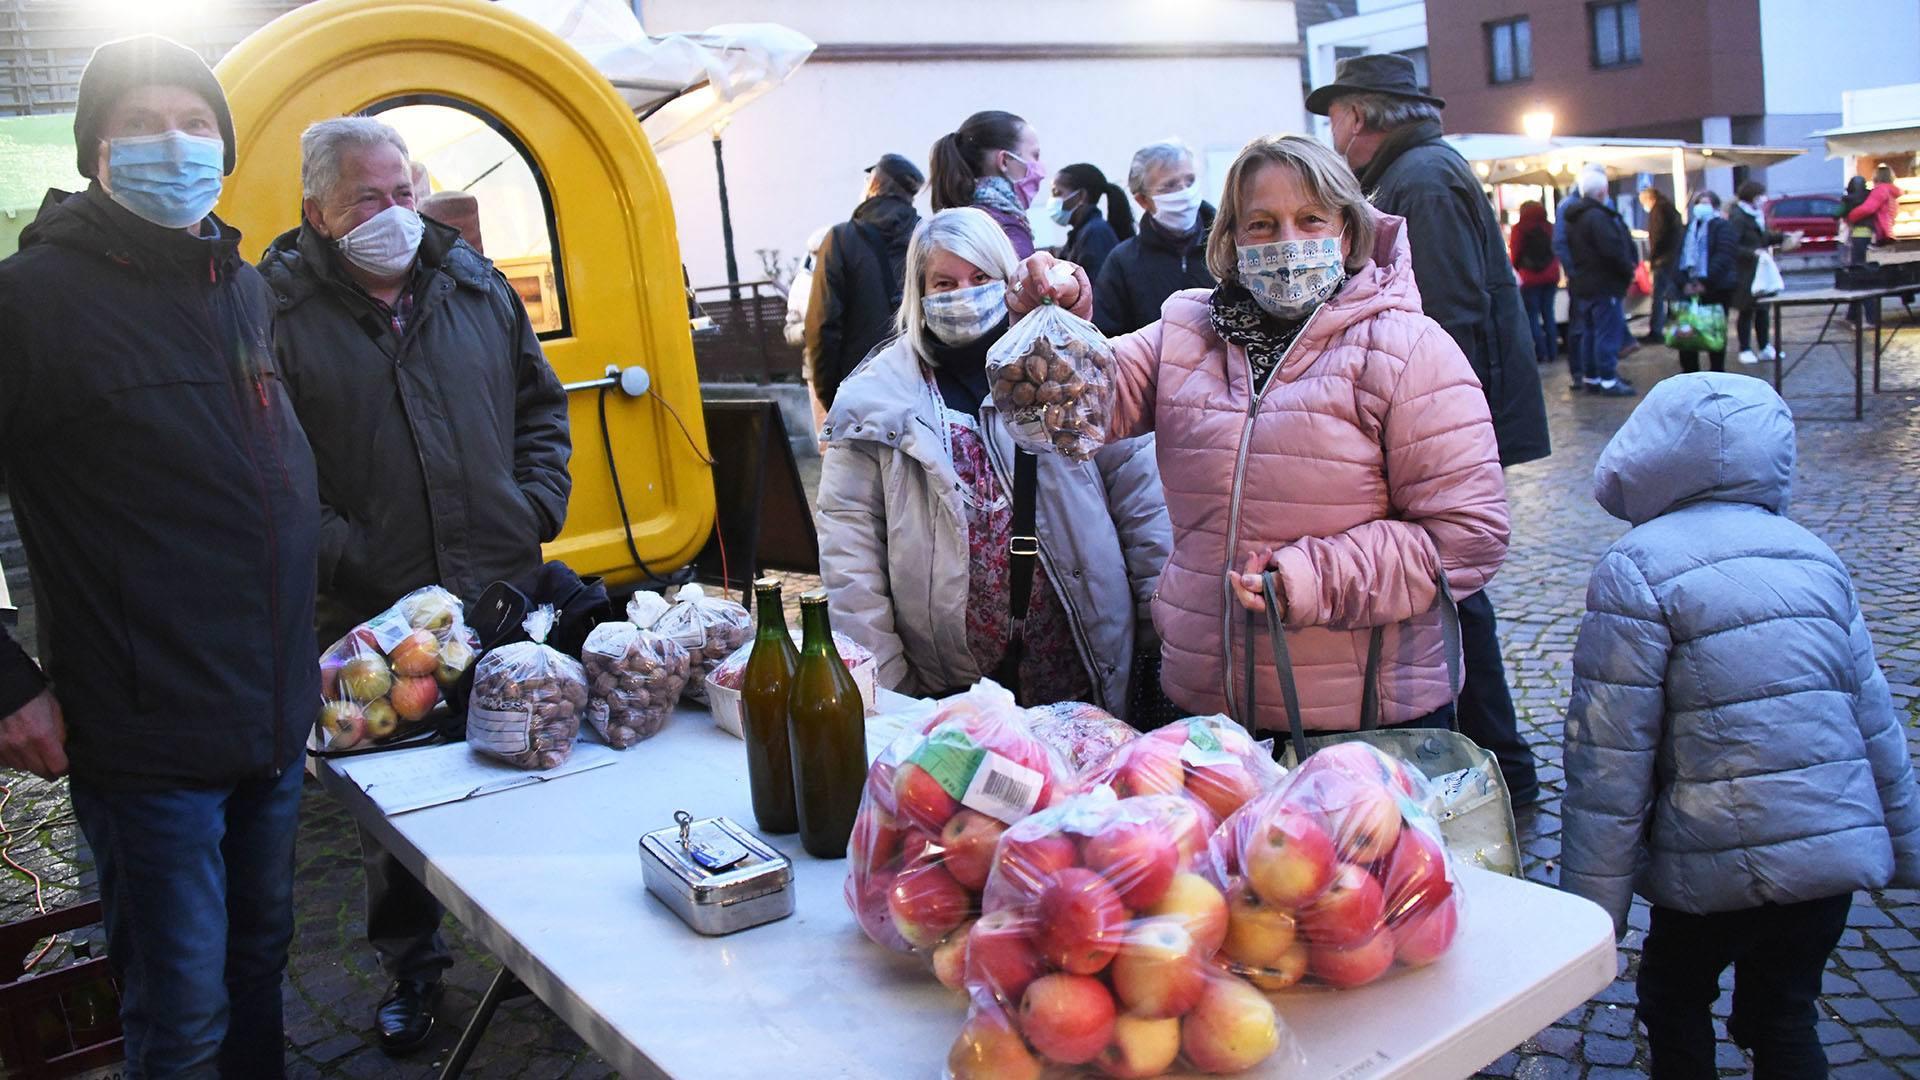 Zillisheim un nouveau marché de producteurs : Des pommes et du jus par la Société des arboriculteurs de Zillisheim